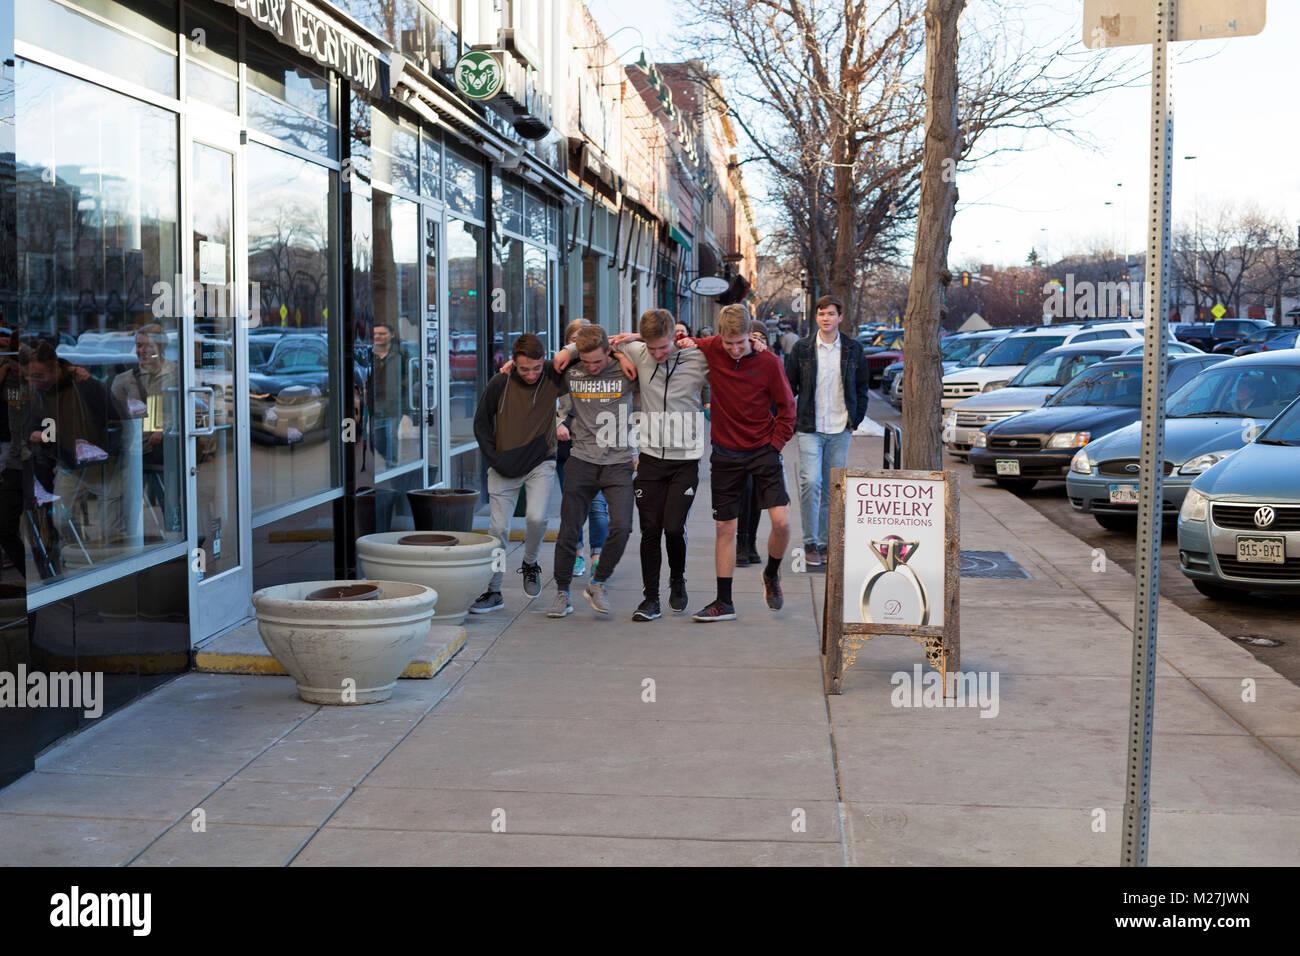 Un groupe d'amis se bloque les bras et éviter le trottoir à Fort Collins, Colorado, USA. Banque D'Images